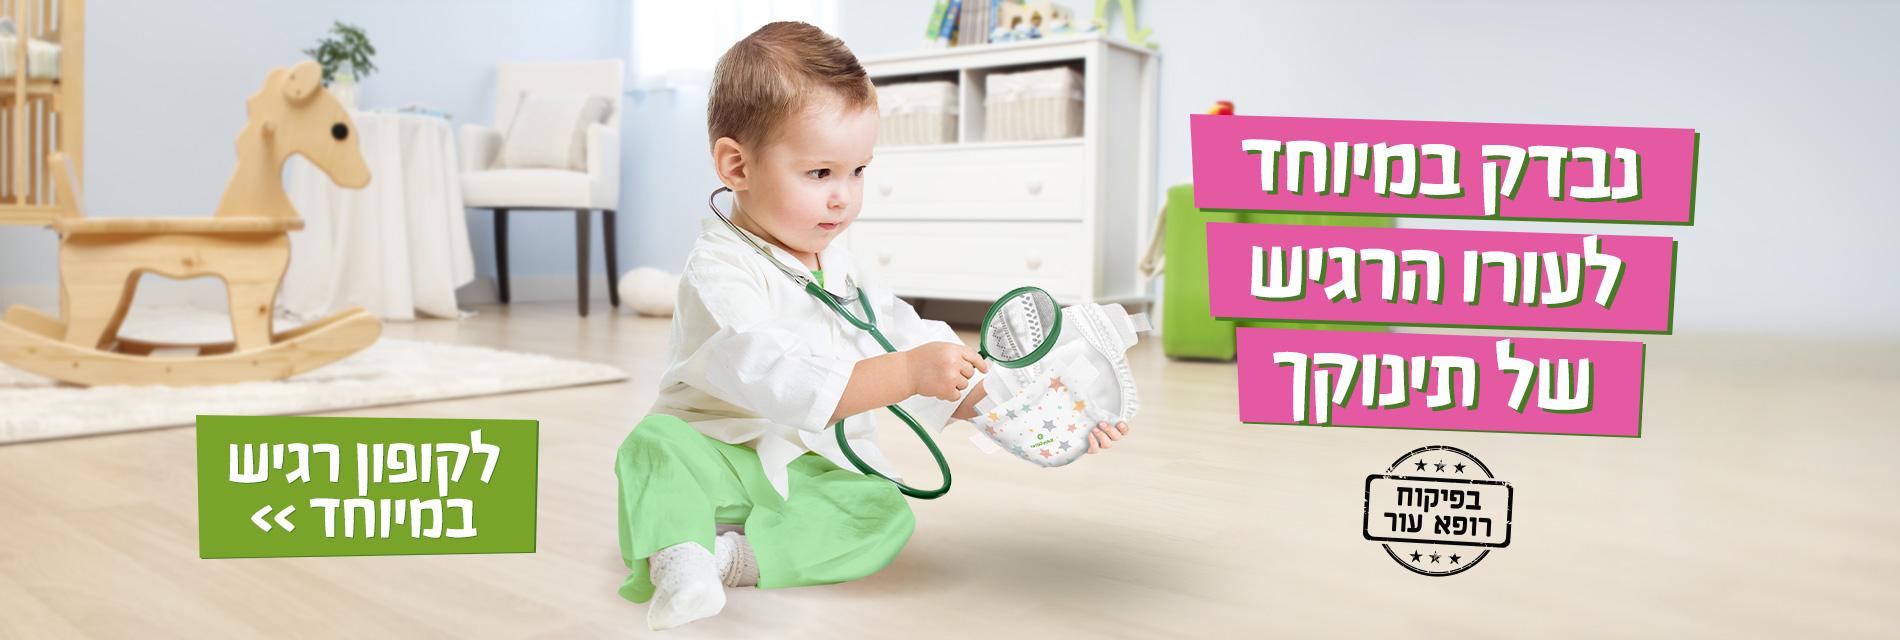 חיתולי בייביסיטר נבדקו דרמטולוגית בפיקוח רופא עור ומותאמים לעורו הרגיש של התינוק